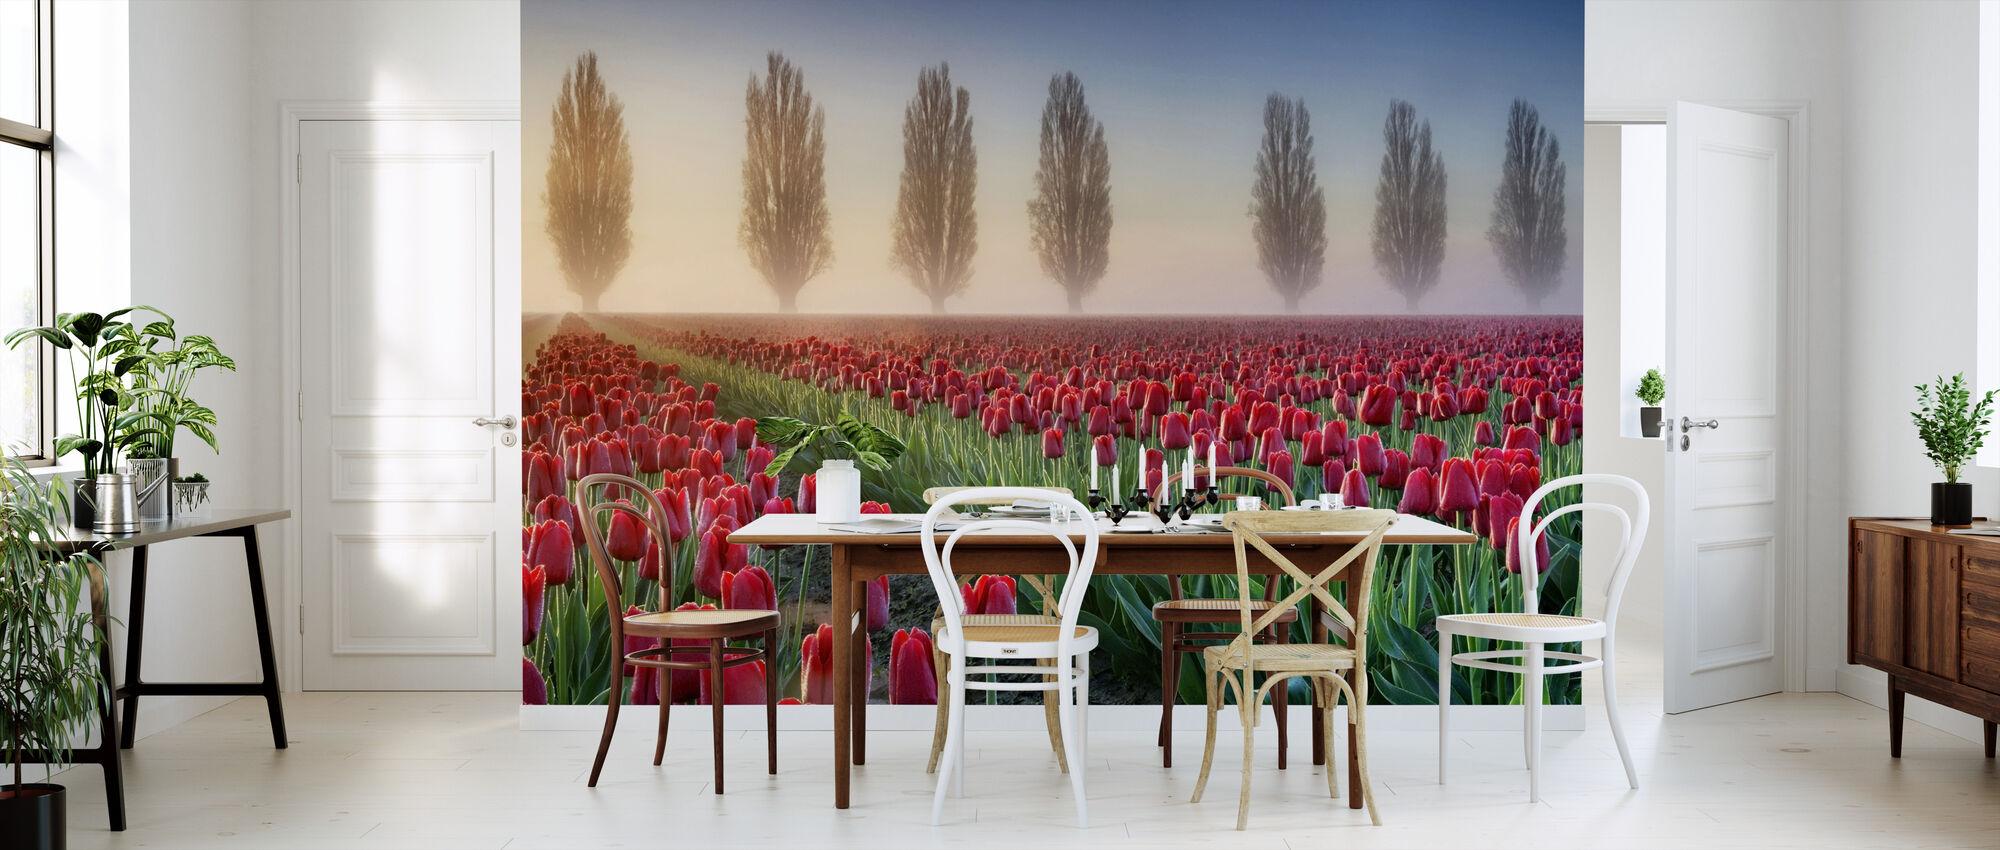 Misty Morgen i Tulip Field - Tapet - Kjøkken